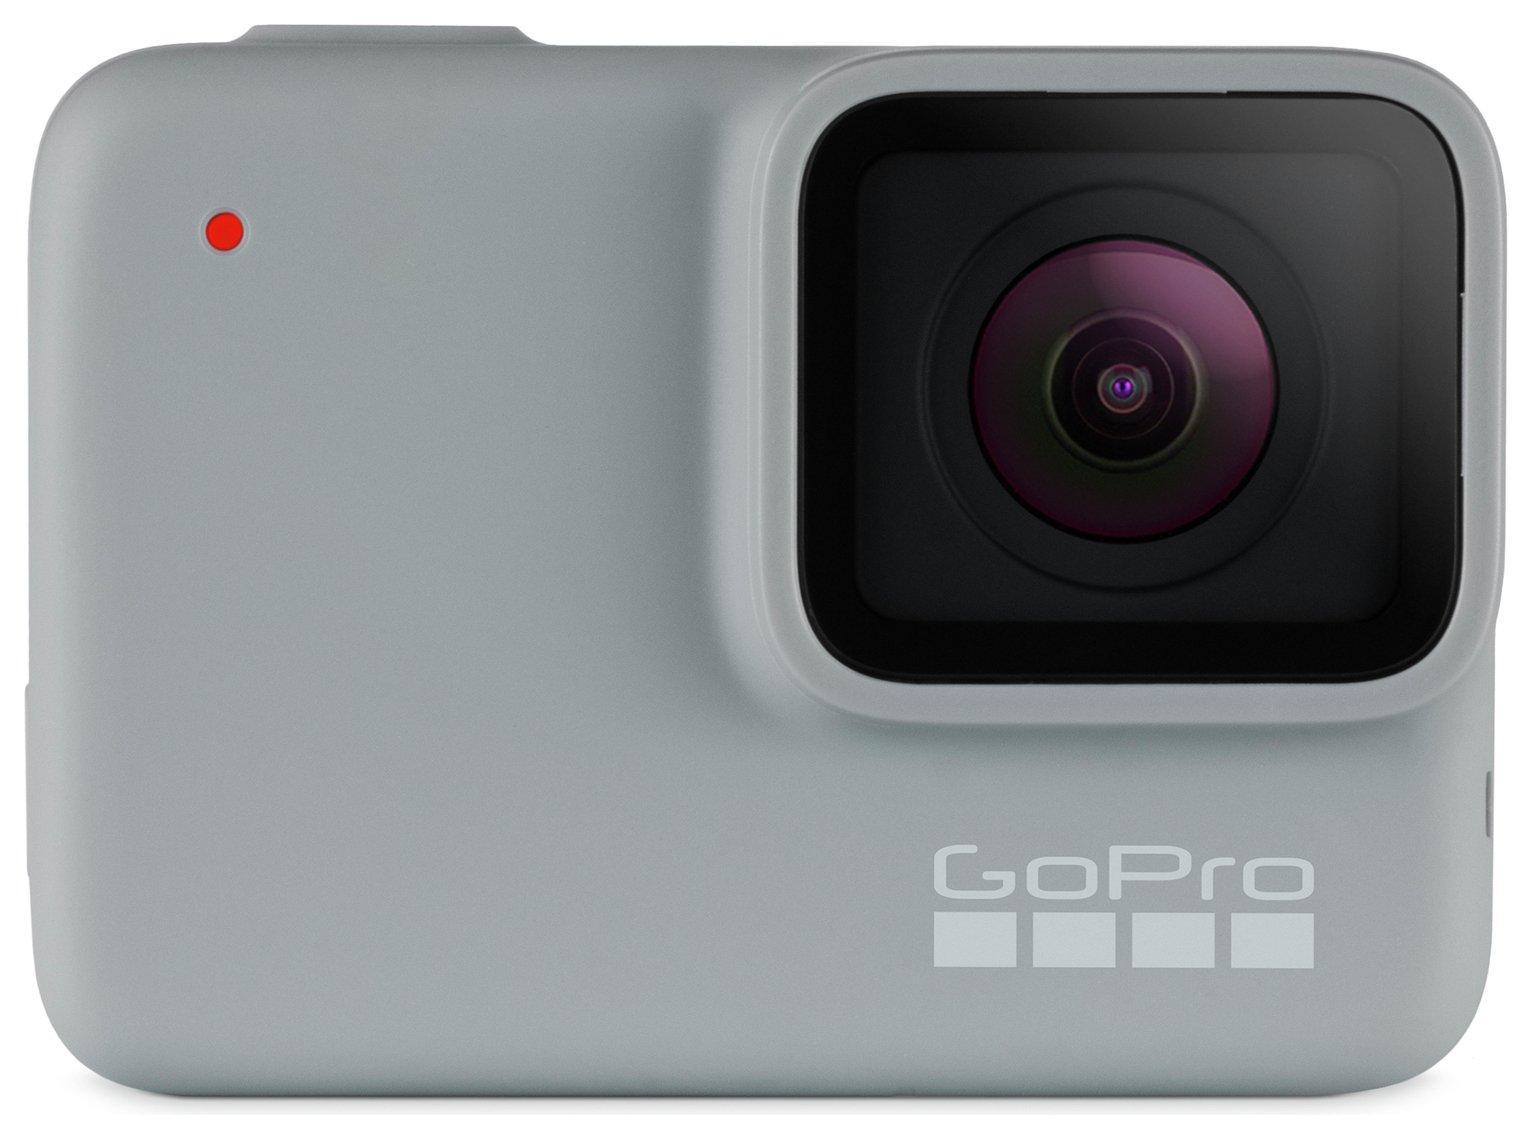 GoPro HERO7 White CHDHB-601-RW Action Camera